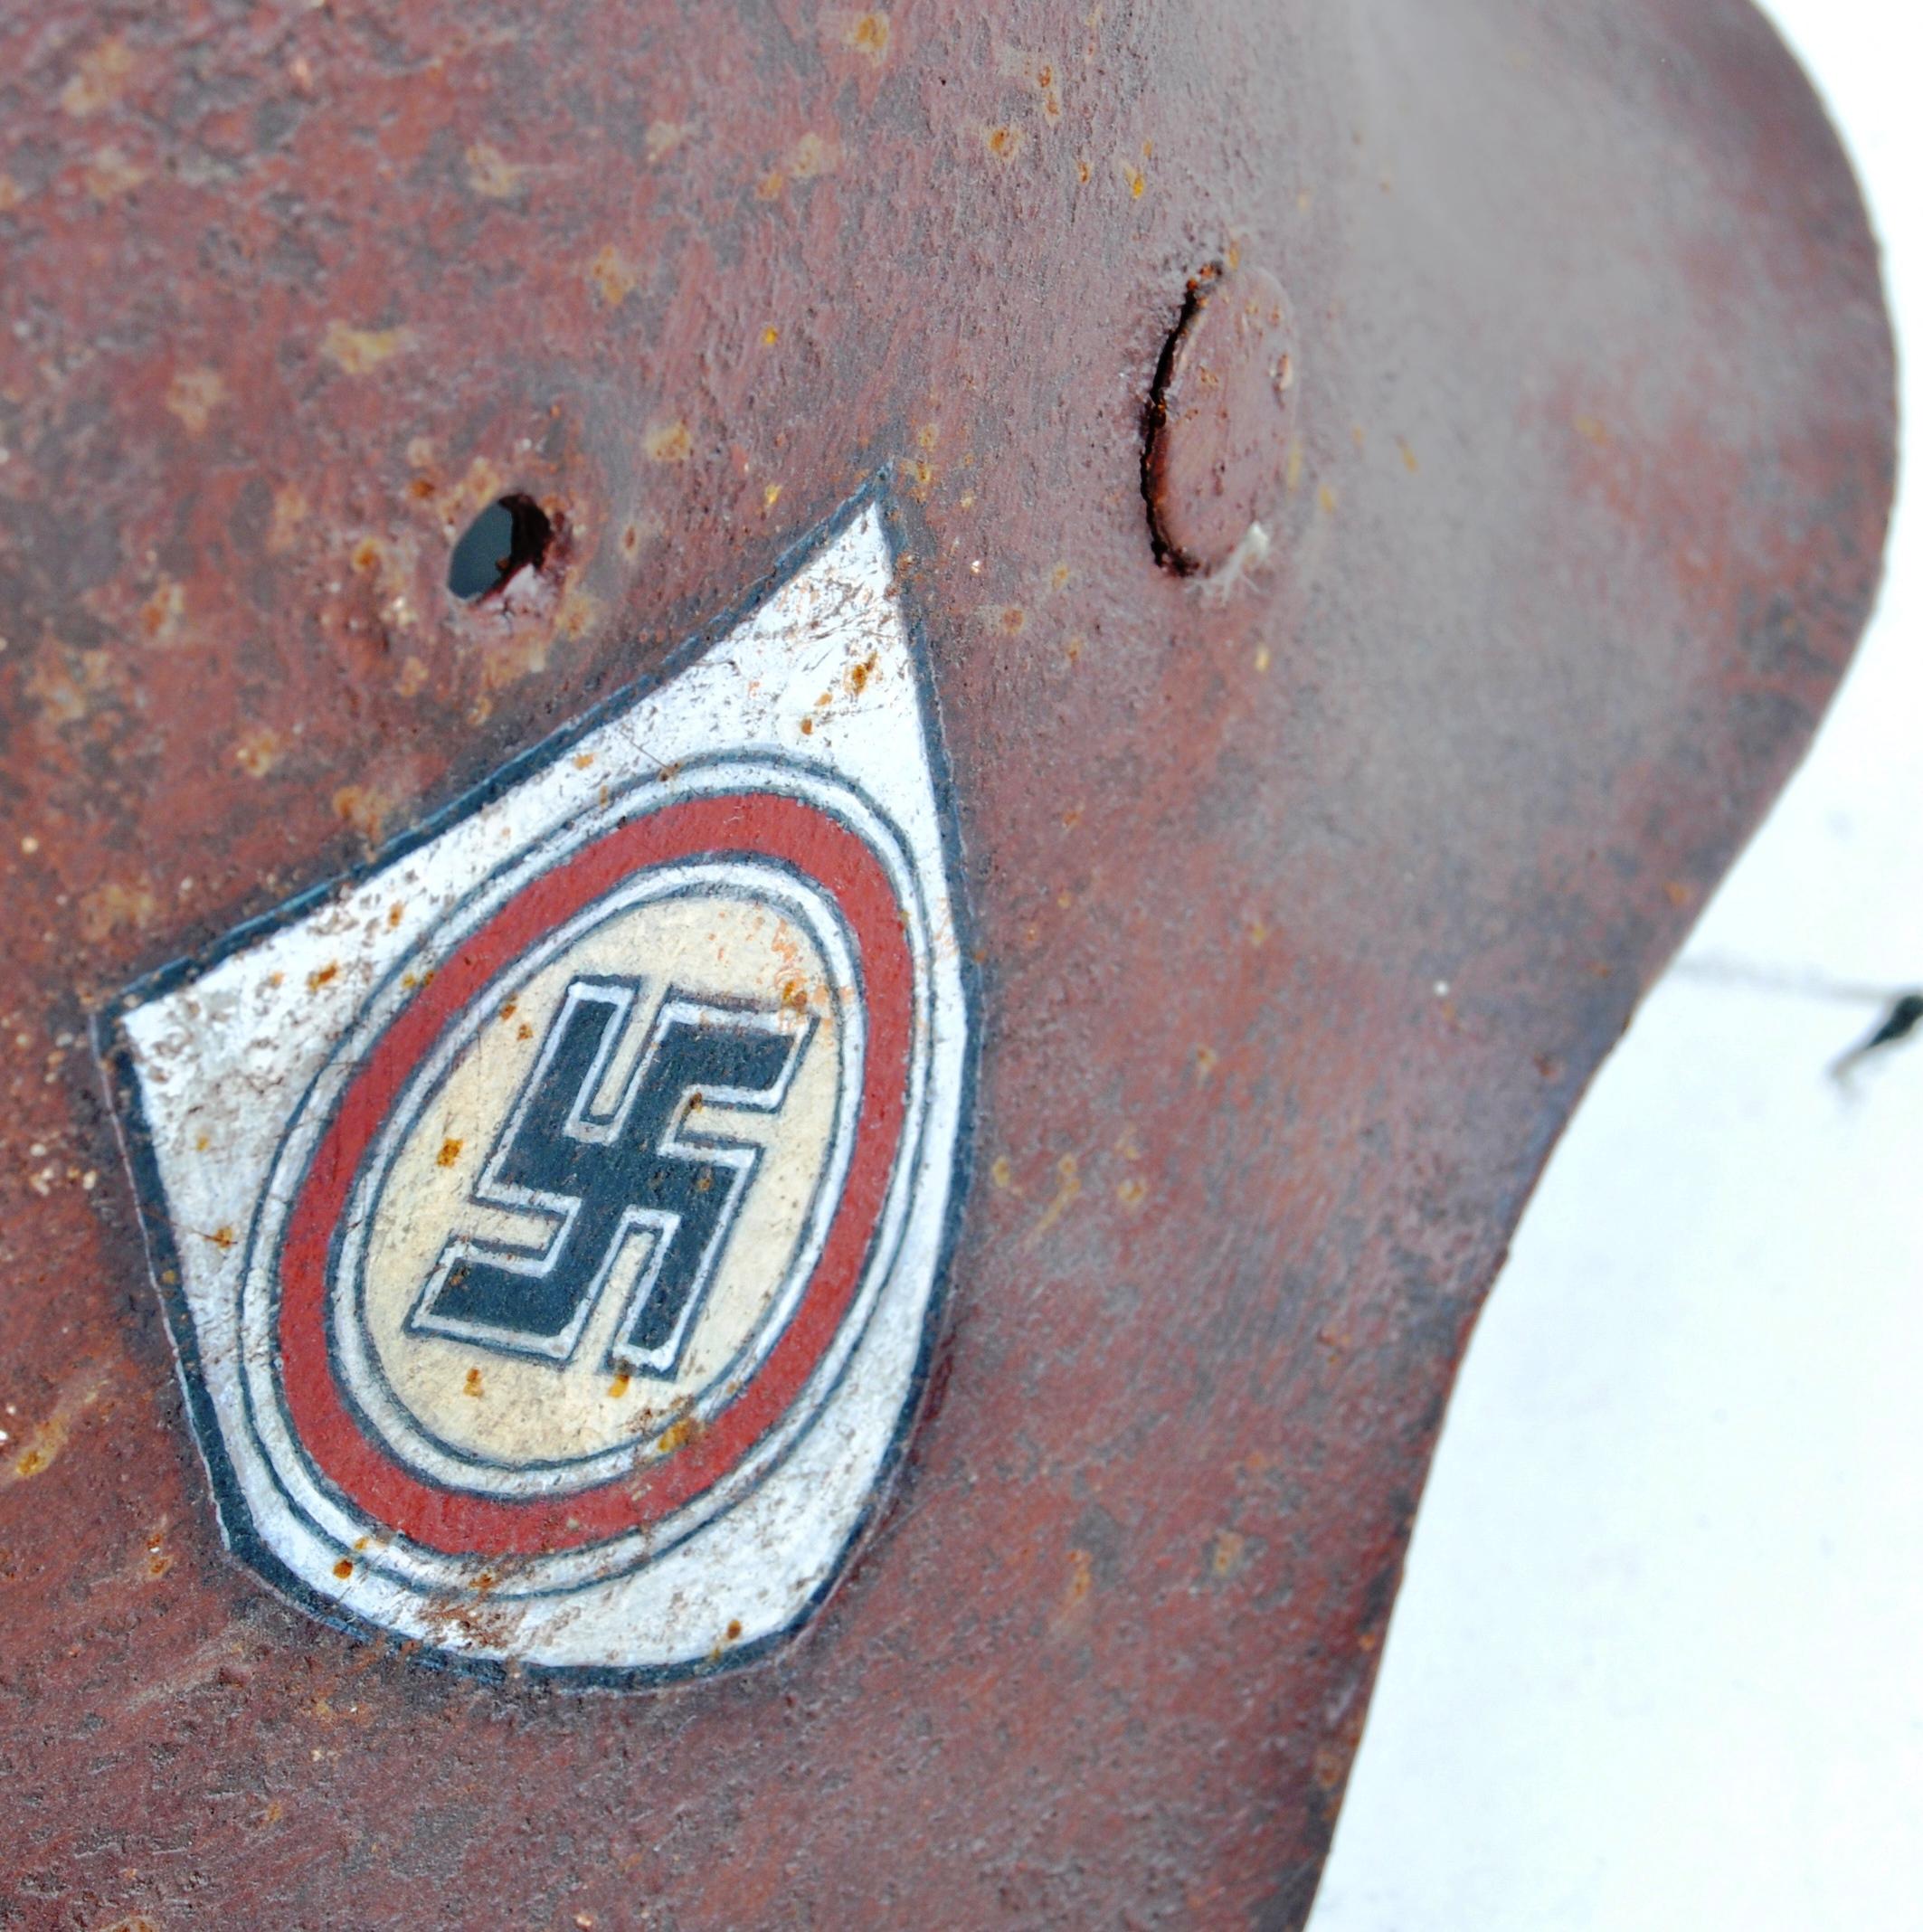 WWII SECOND WORLD WAR THIRD REICH NAZI M42 HELMET - Image 4 of 6